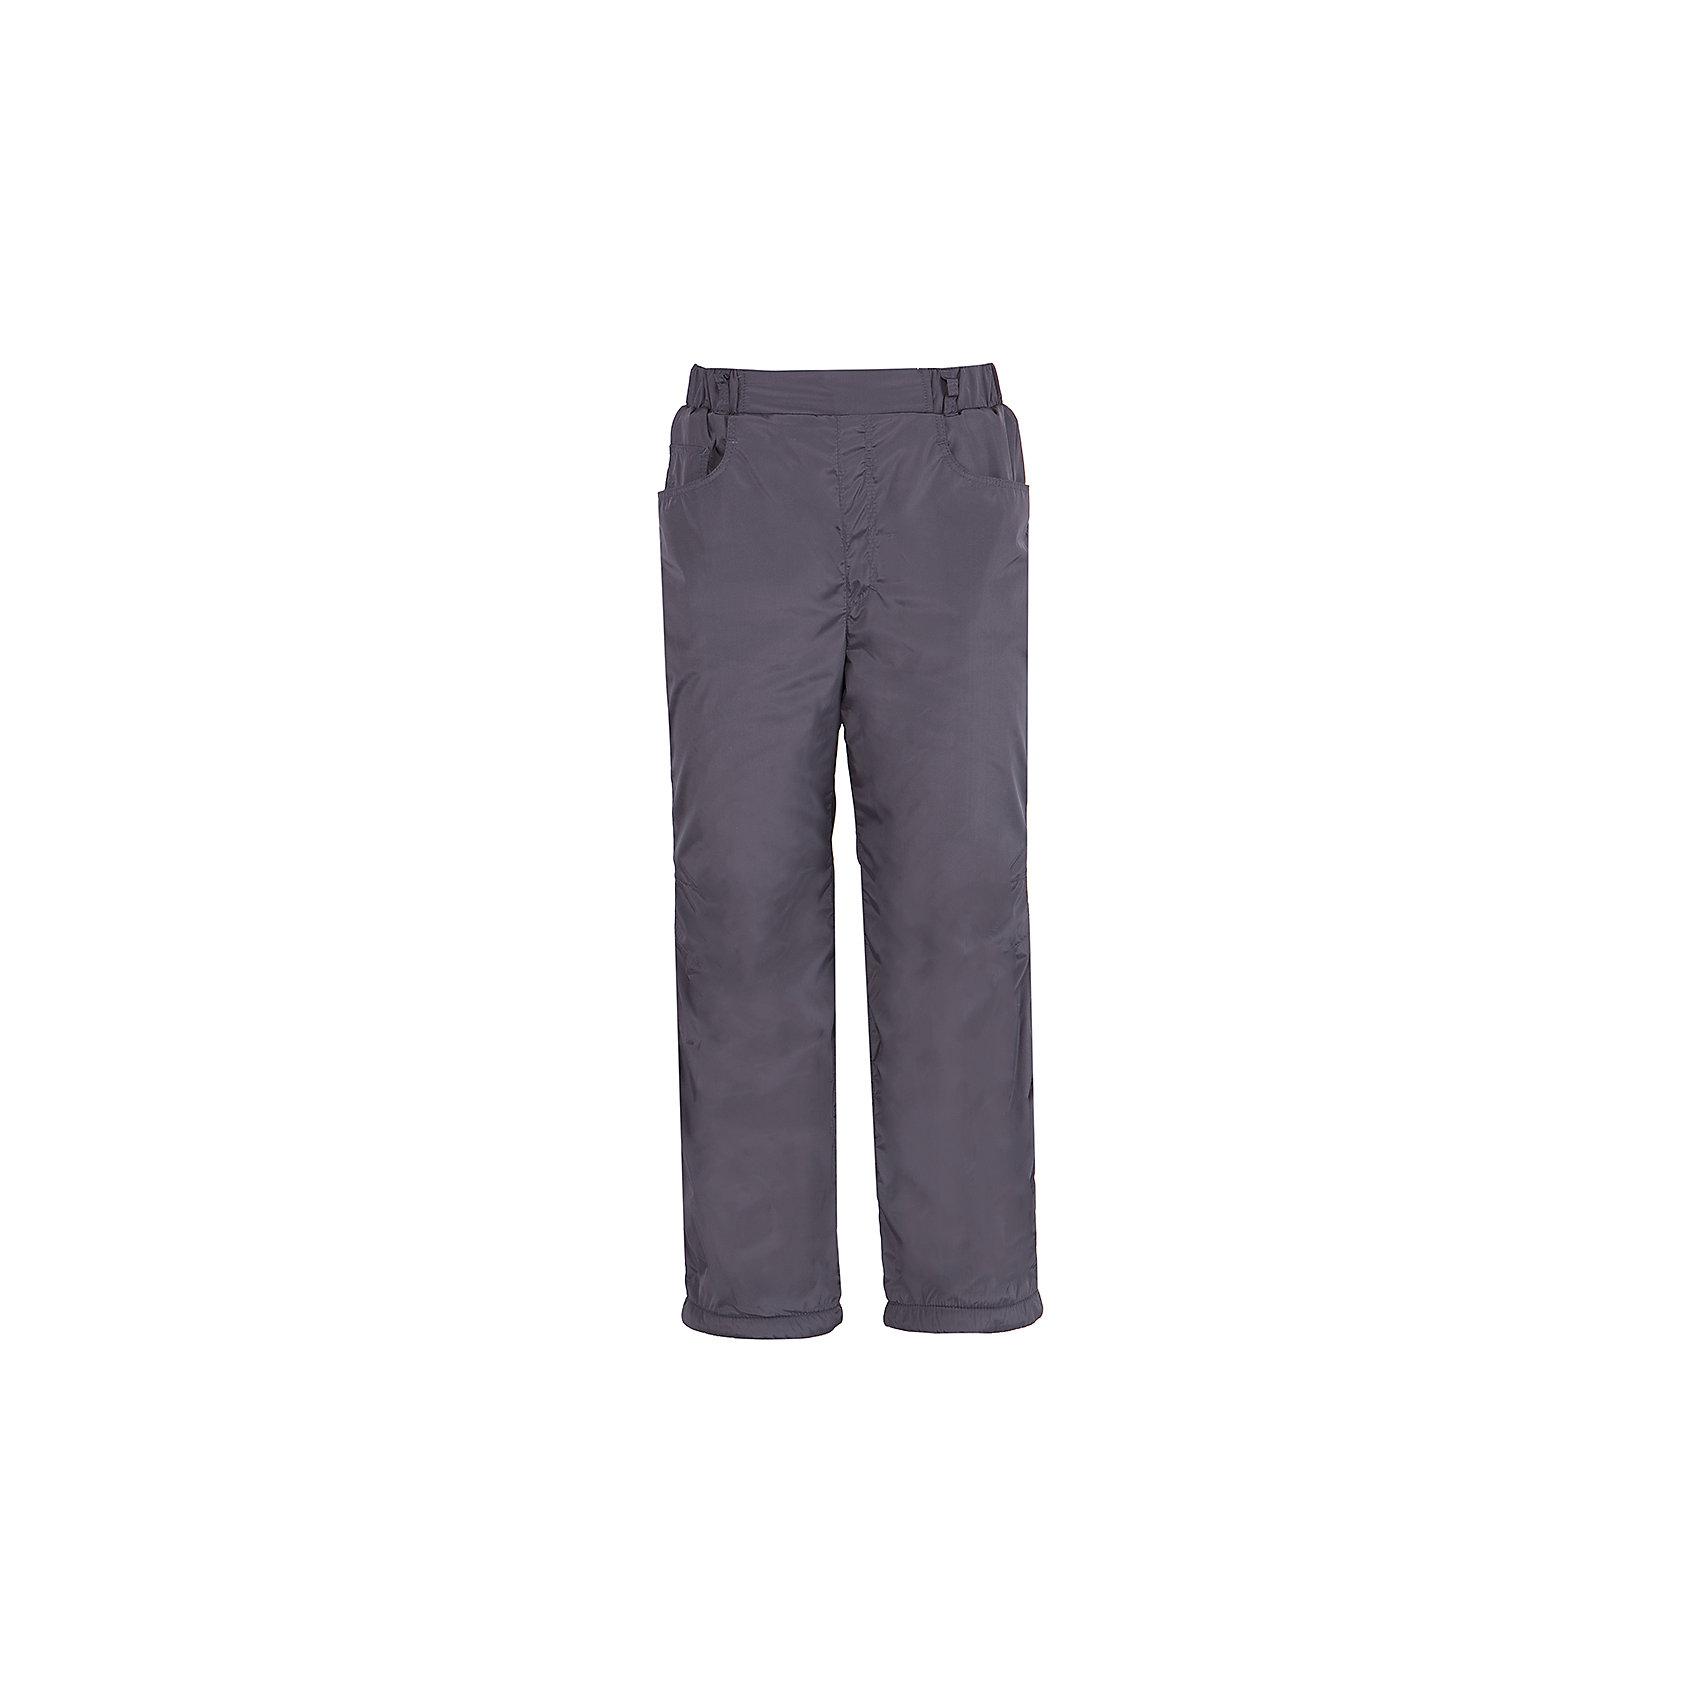 Брюки для мальчика АртельБрюки для мальчика от торговой марки Артель &#13;<br>&#13;<br>Прочные брюки универсального серого цвета отлично сидят. Изделие выполнено из качественных материалов, имеет удобные карманы. Отличный вариант для переменной погоды межсезонья!&#13;<br>Одежда от бренда Артель – это высокое качество по приемлемой цене и всегда продуманный дизайн. &#13;<br>&#13;<br>Особенности модели: &#13;<br>- цвет - серый;&#13;<br>- пояс на резинке;&#13;<br>- наличие карманов;&#13;<br>- флисовая подкладка;&#13;<br>- ткань быстро сохнет.&#13;<br>&#13;<br>Дополнительная информация:&#13;<br>&#13;<br>Состав: &#13;<br>- верх: таслан;&#13;<br>- подкладка: флис.&#13;<br>&#13;<br>Температурный режим: &#13;<br>от - 10 °C до + 10 °C&#13;<br>&#13;<br>Брюки для мальчика Артель (Artel) можно купить в нашем магазине.<br><br>Ширина мм: 215<br>Глубина мм: 88<br>Высота мм: 191<br>Вес г: 336<br>Цвет: серый<br>Возраст от месяцев: 120<br>Возраст до месяцев: 132<br>Пол: Мужской<br>Возраст: Детский<br>Размер: 146,134,140,128,152<br>SKU: 4496126